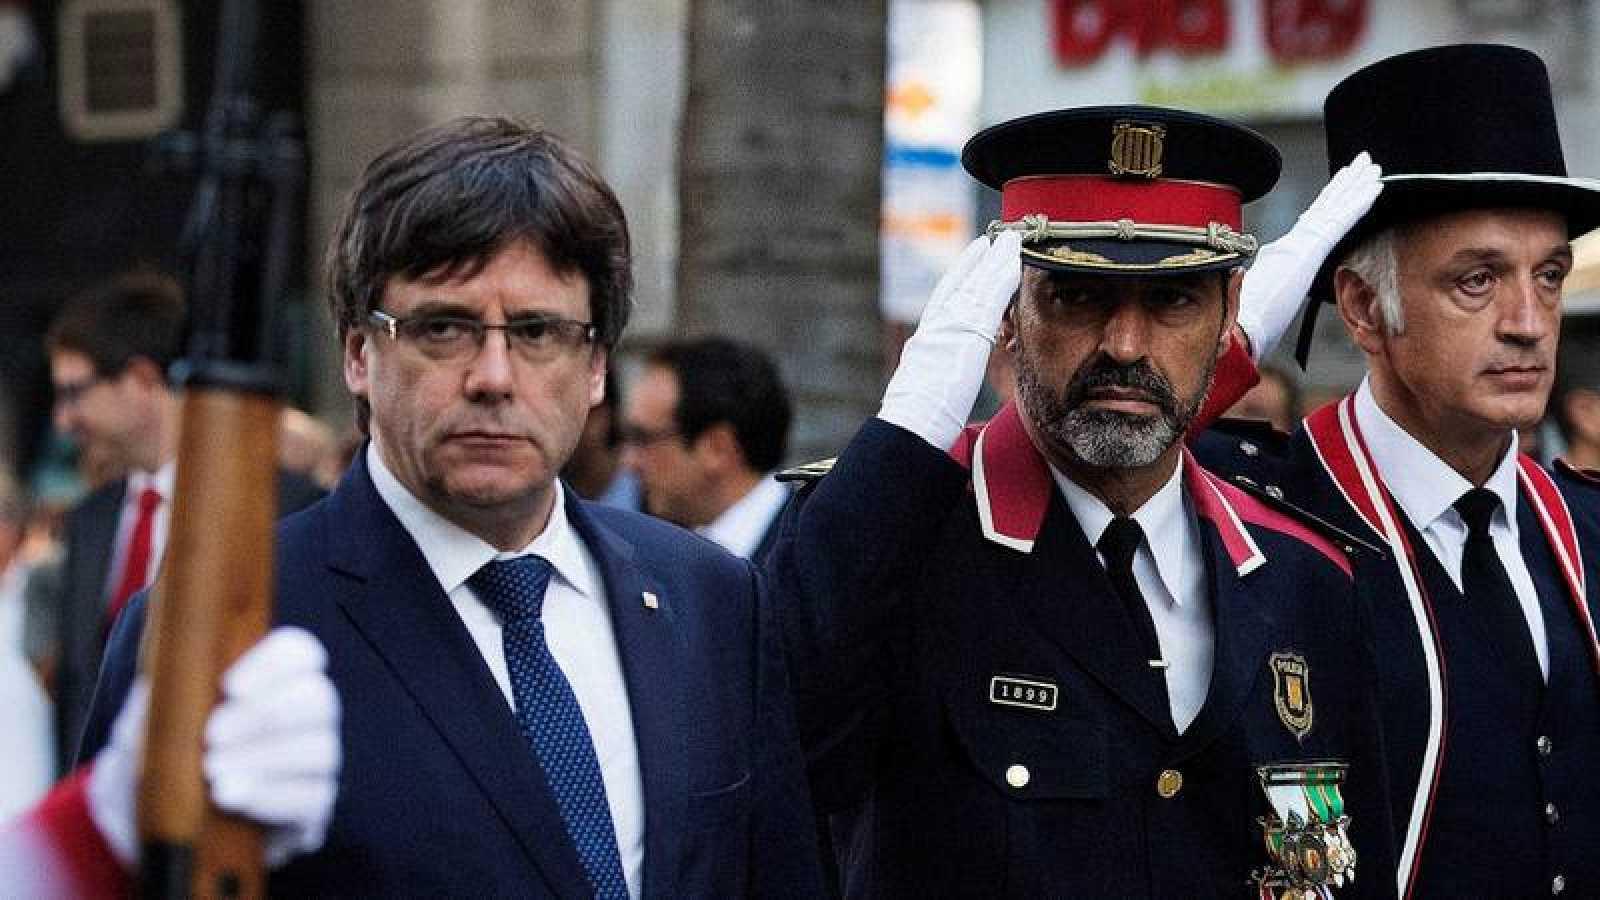 El mayor de los Mossos Josep Lluís Trapero junto al expresidente Carles Puigdemont en la Diada de 2017